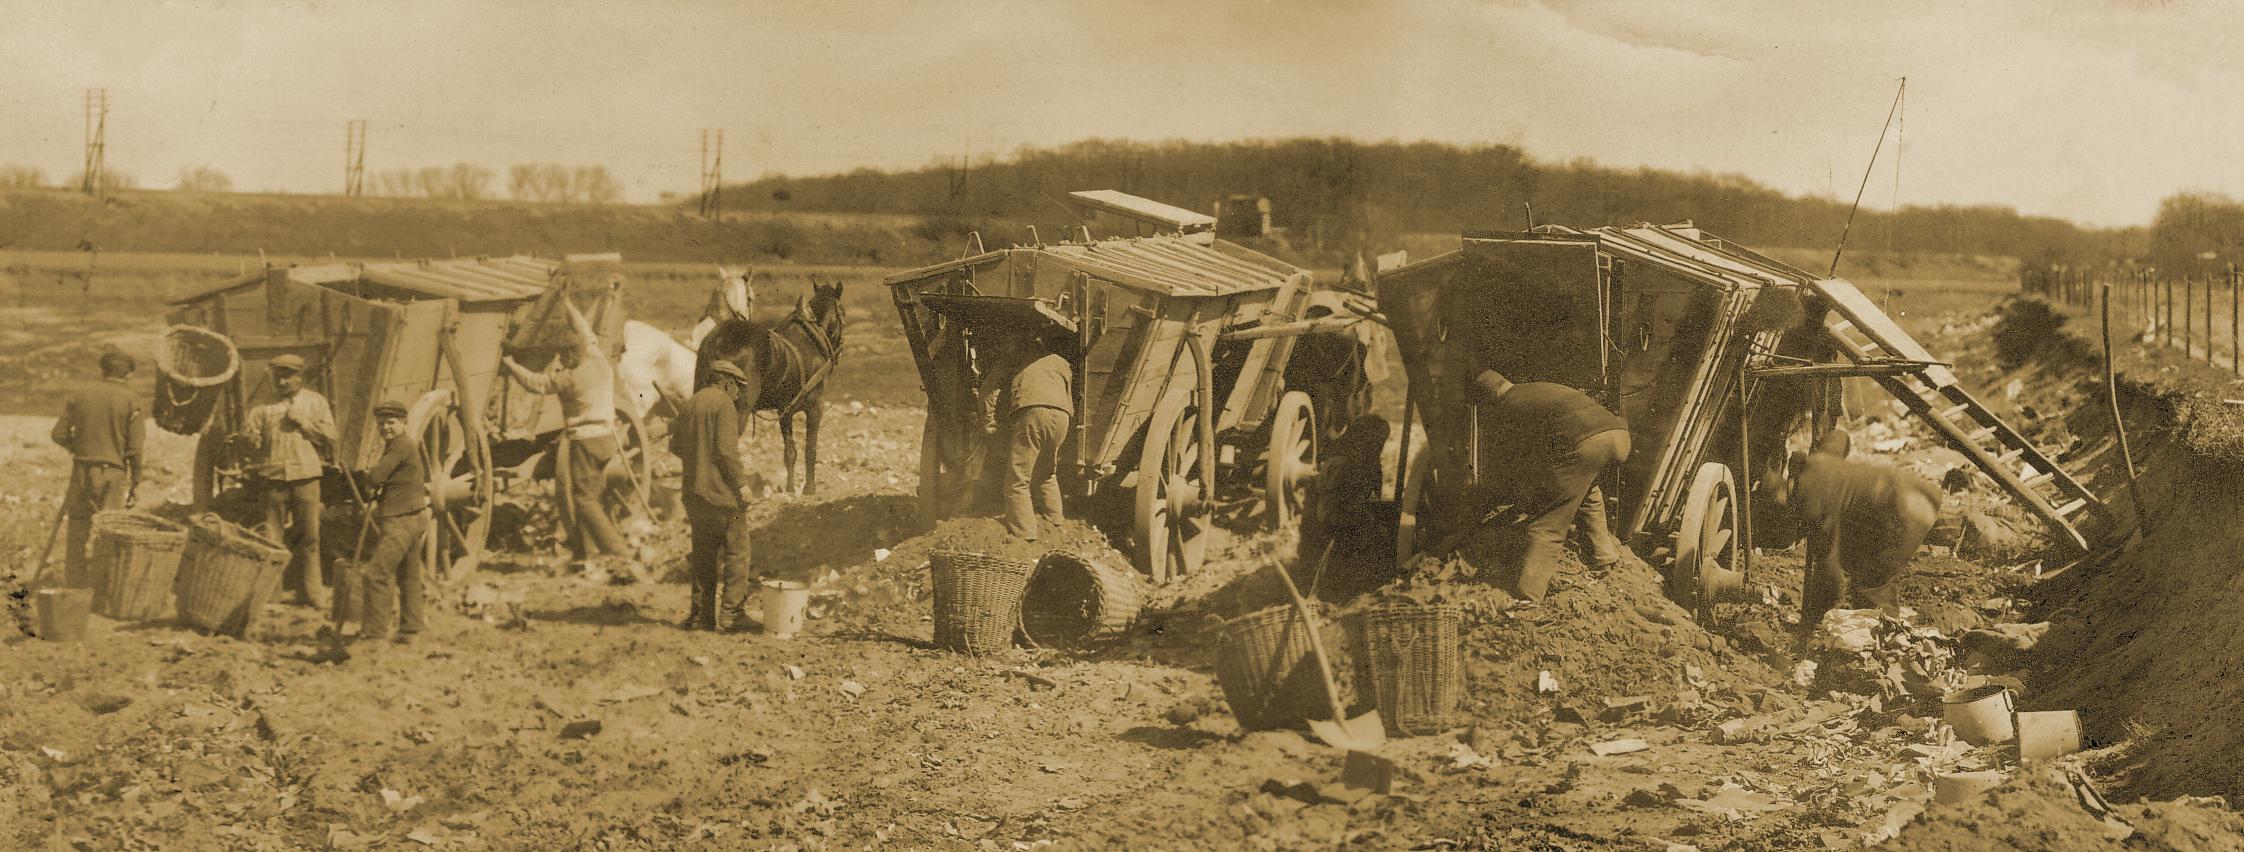 Mehrere Arbeiter reinigen drei Pferdewagen